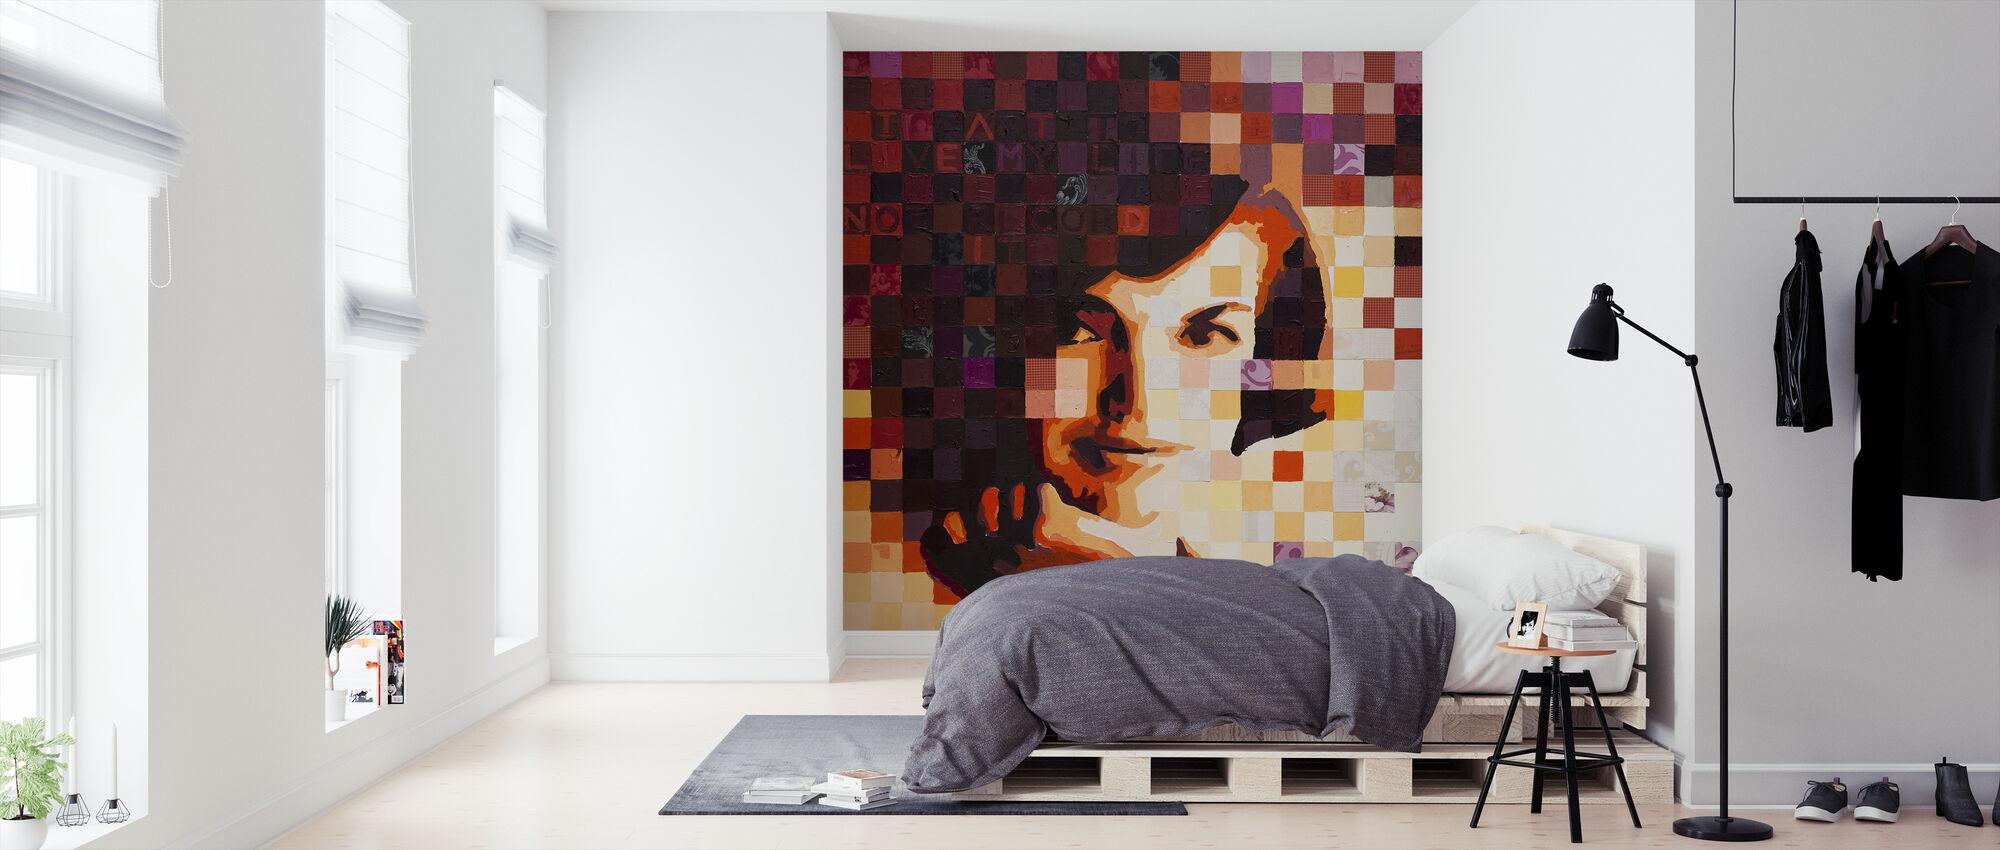 US Queen - Wallpaper - Bedroom